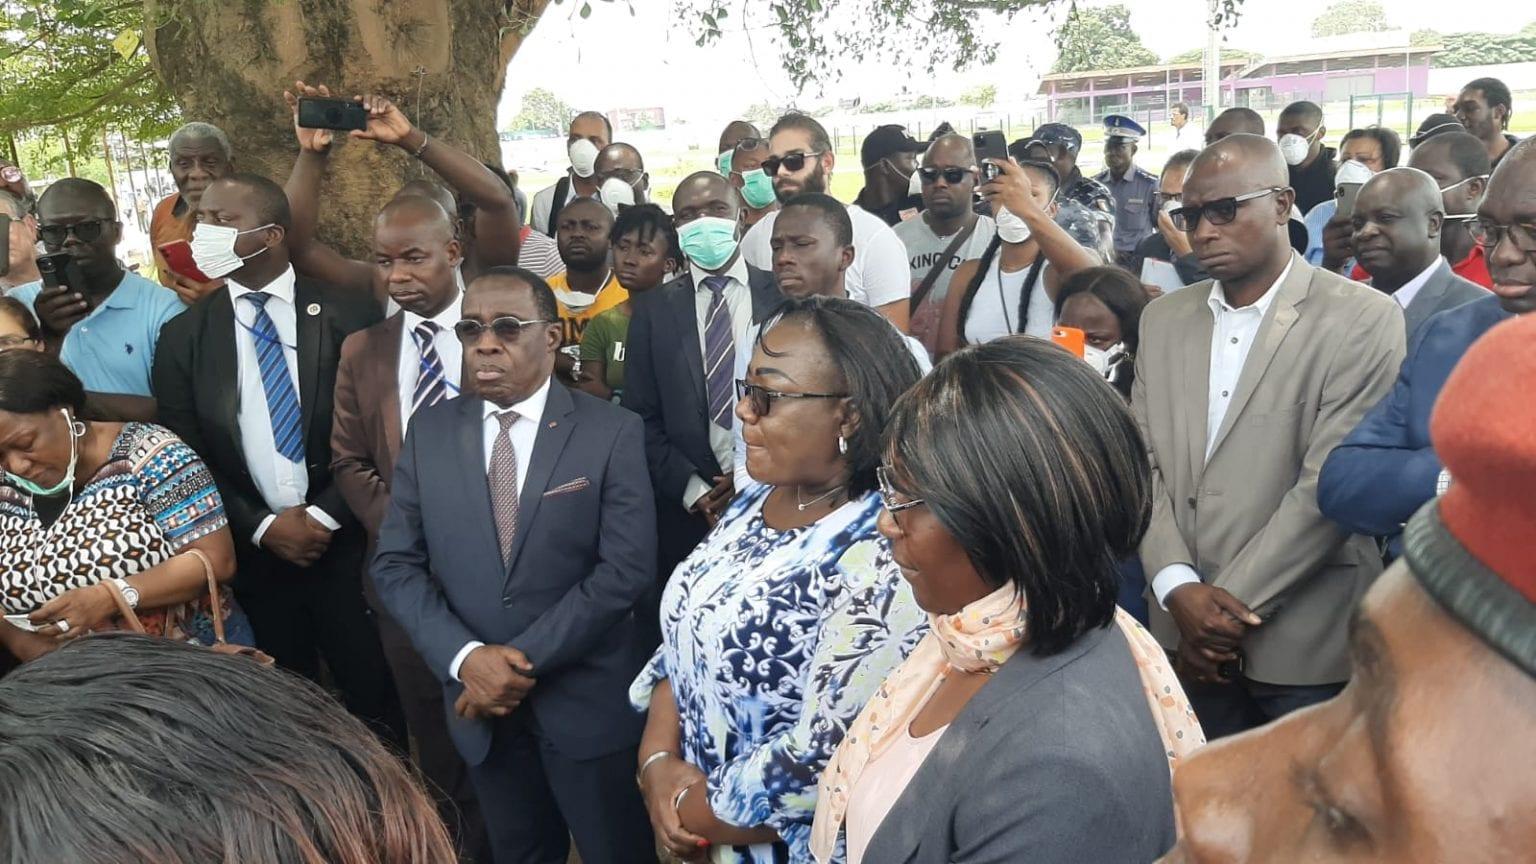 11 mars 2020 – 11 avril 2020 : 30 jours de rumeurs, de fake news, de colère… face au Covid-19 en Côte d'Ivoire